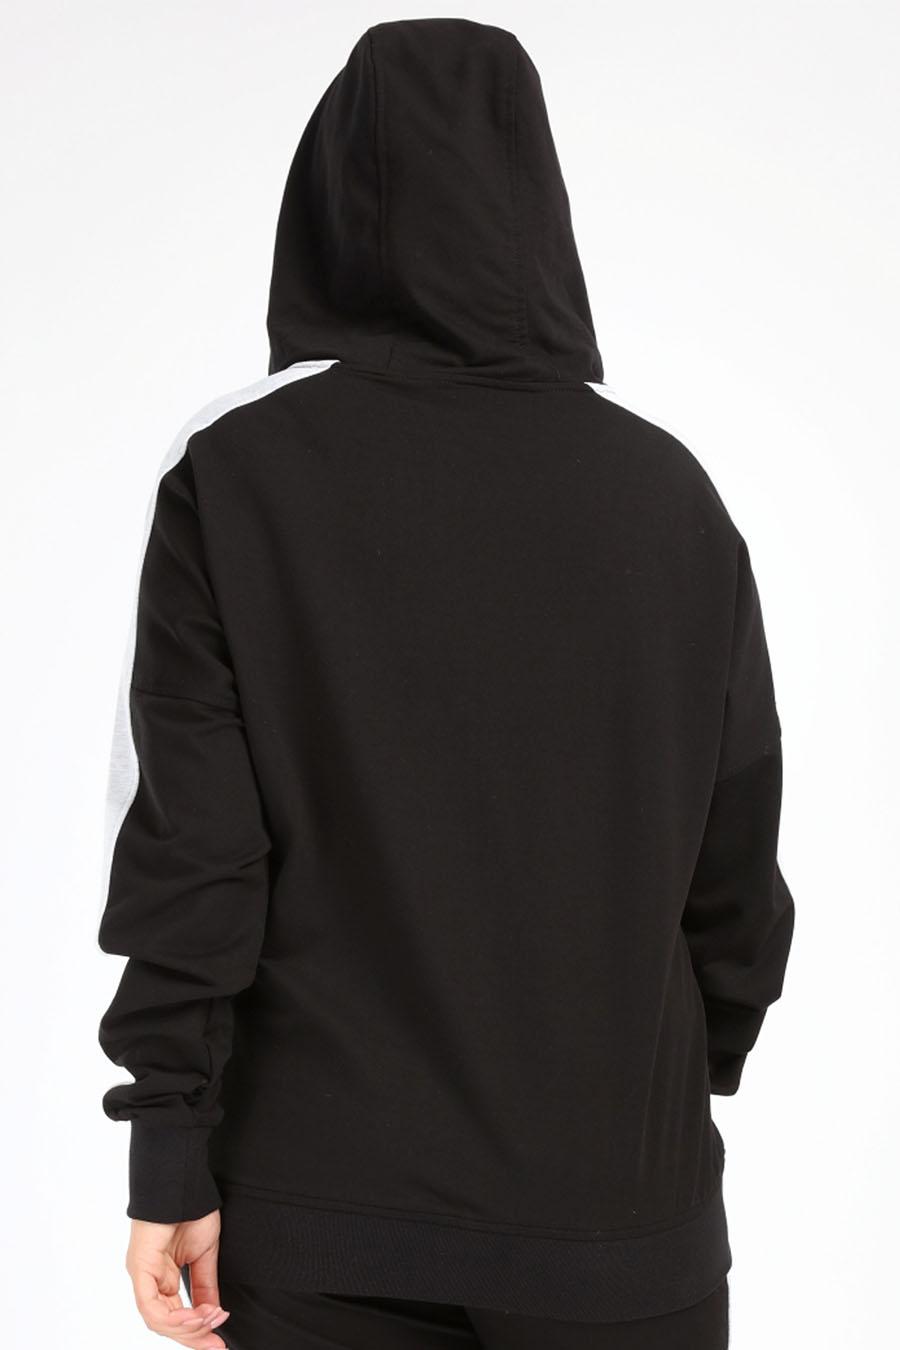 Angelino Butik - Büyük Beden Spor Giyim Fermuarlı Kapüşonlu Sweatshirt 2527-u (1)